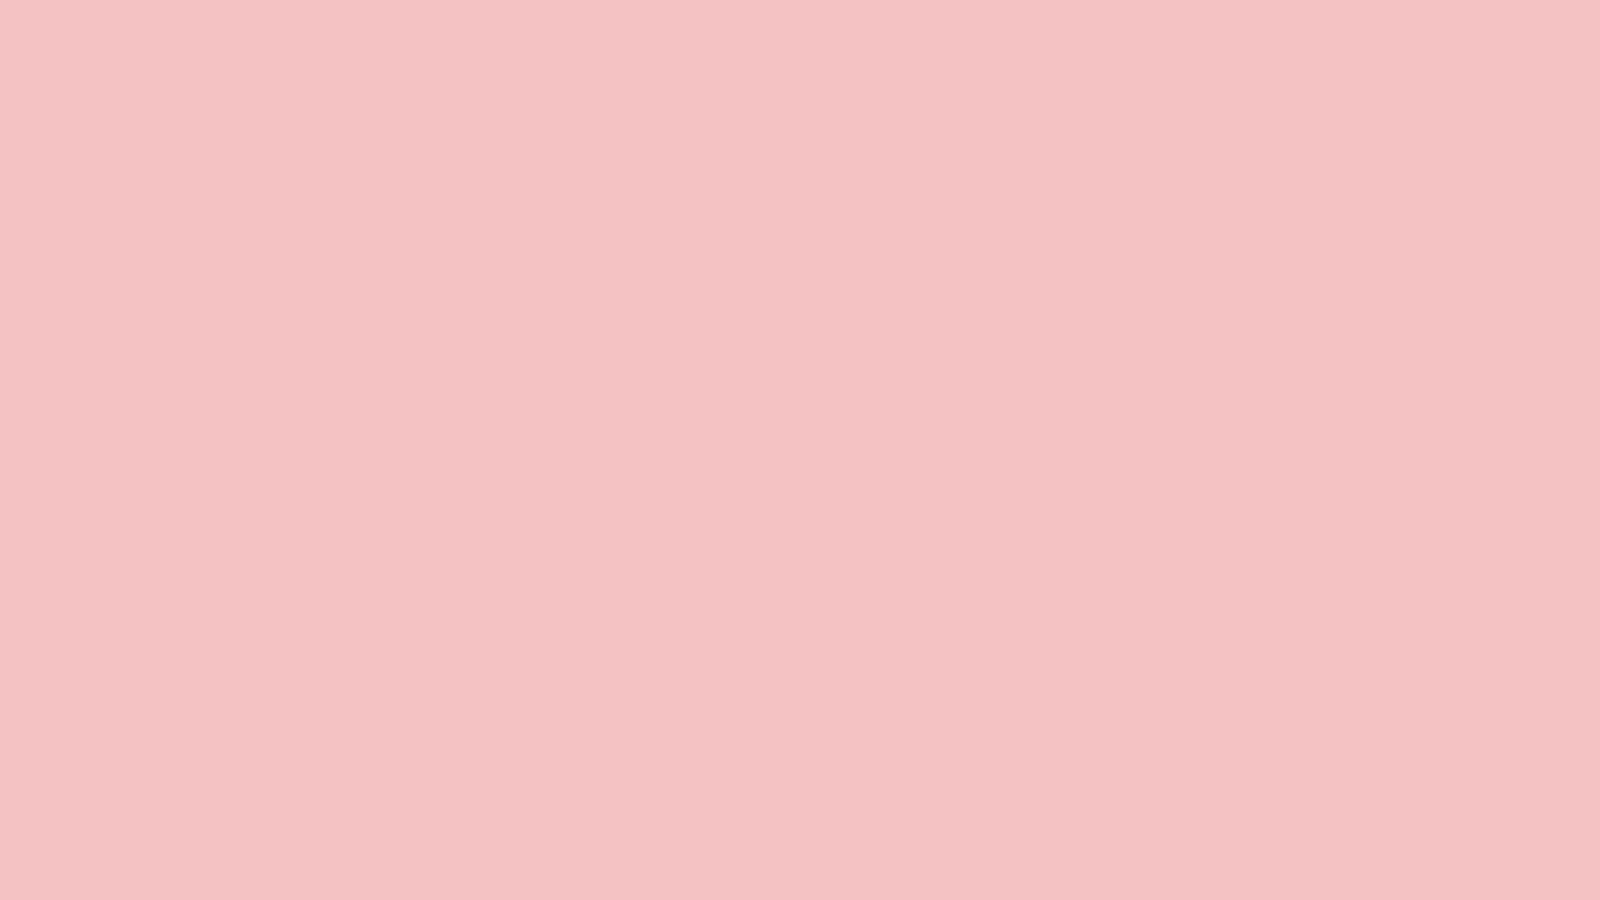 1600x900 tea rose rose solid color background